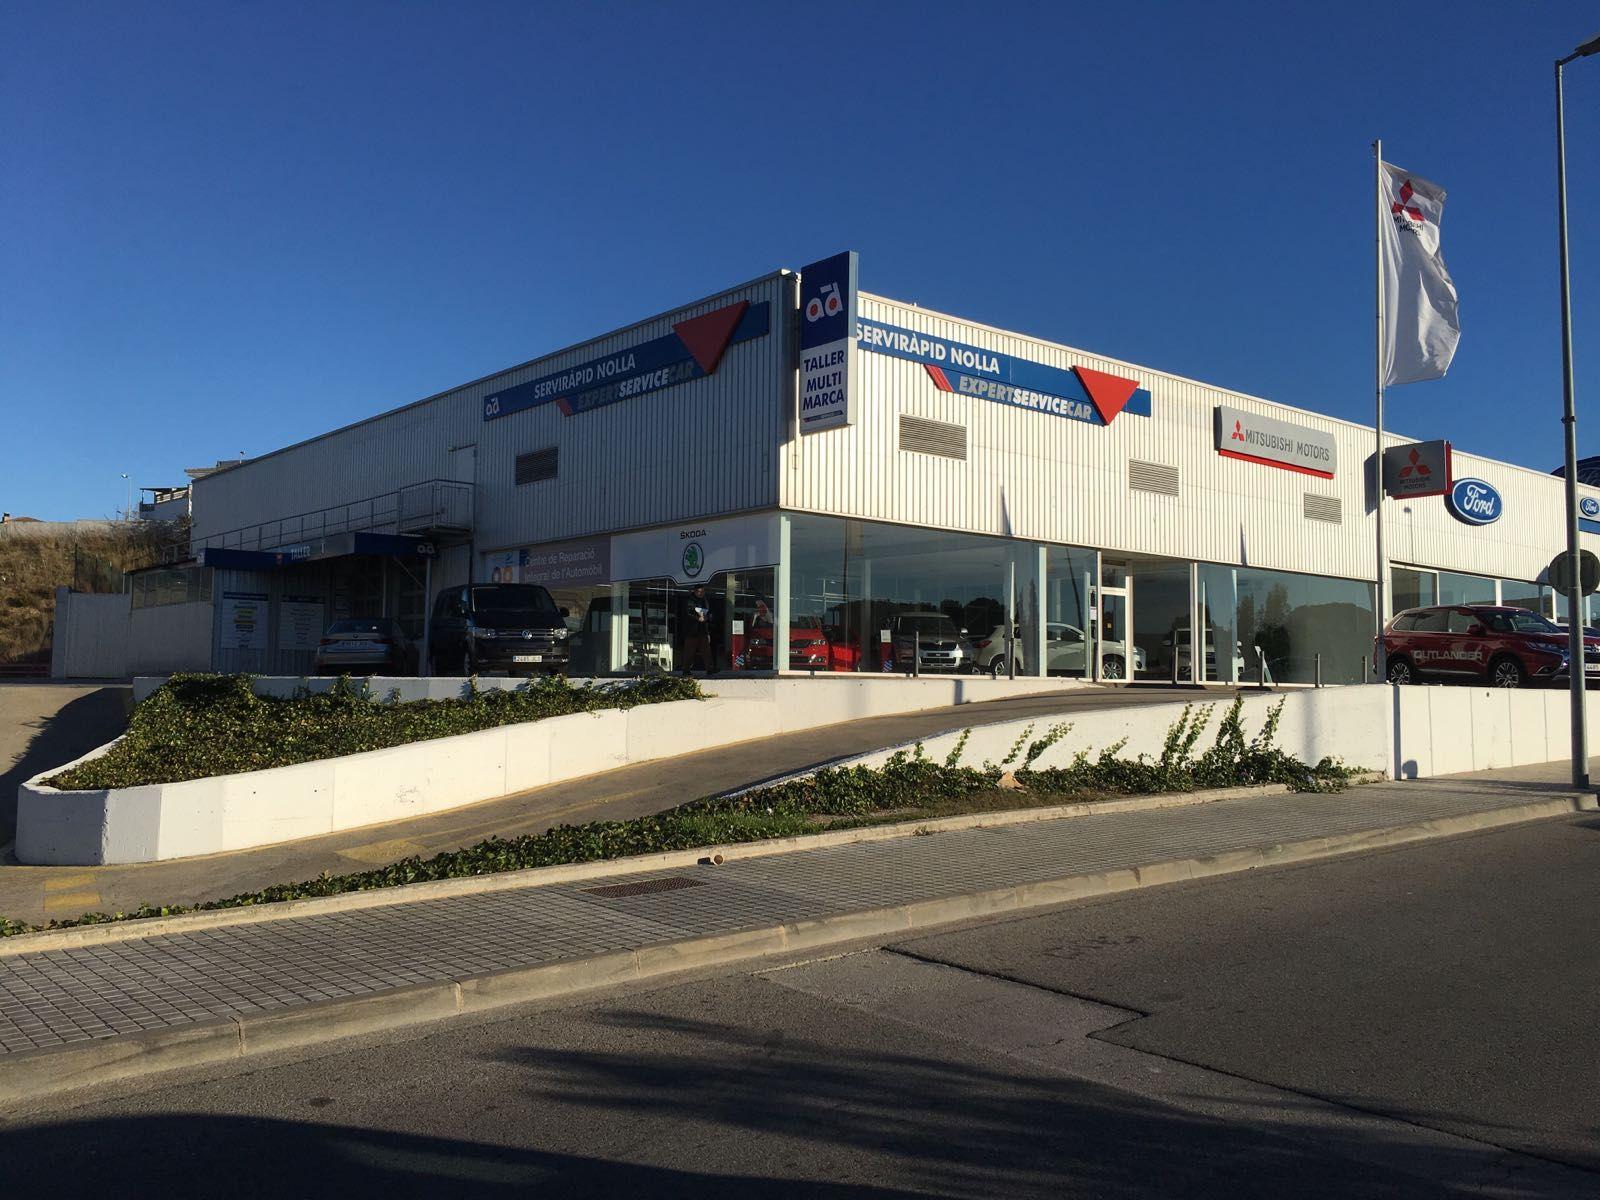 AM 94 Motor ABRE UN NUEVO PUNTO DE VENTA EN BLANES